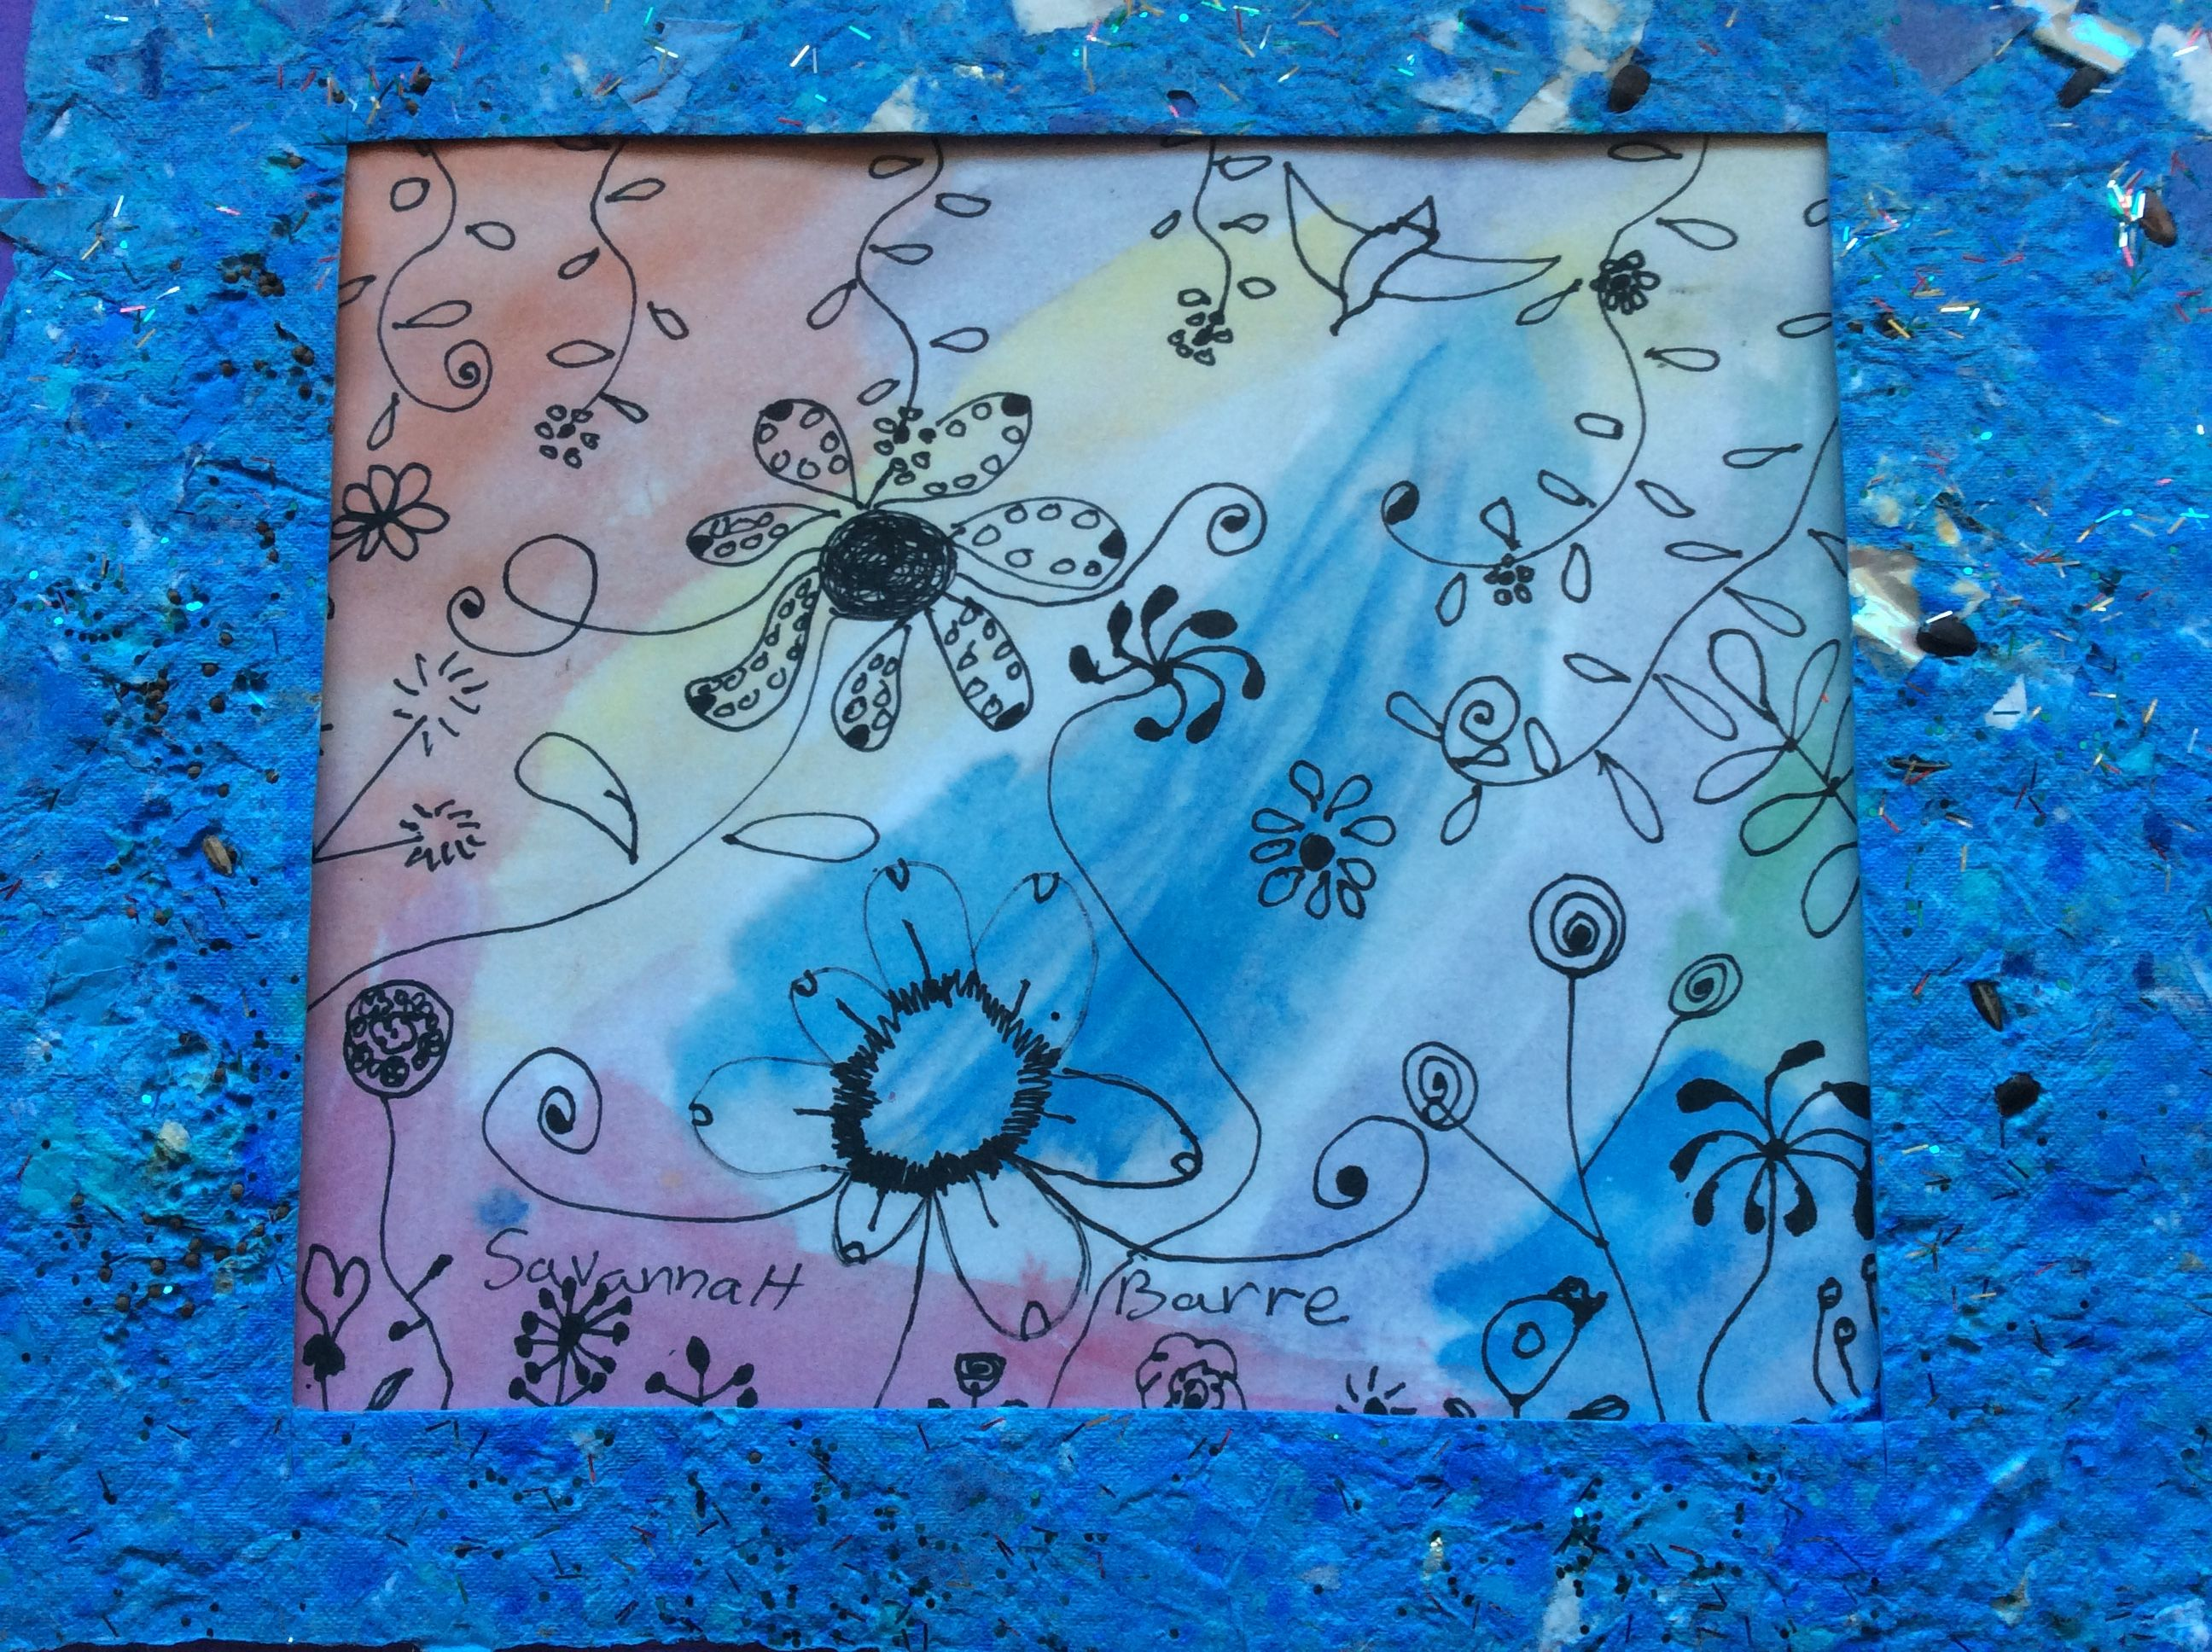 Savannah's Handmade Paper garden. Boulder Oaks Elementary